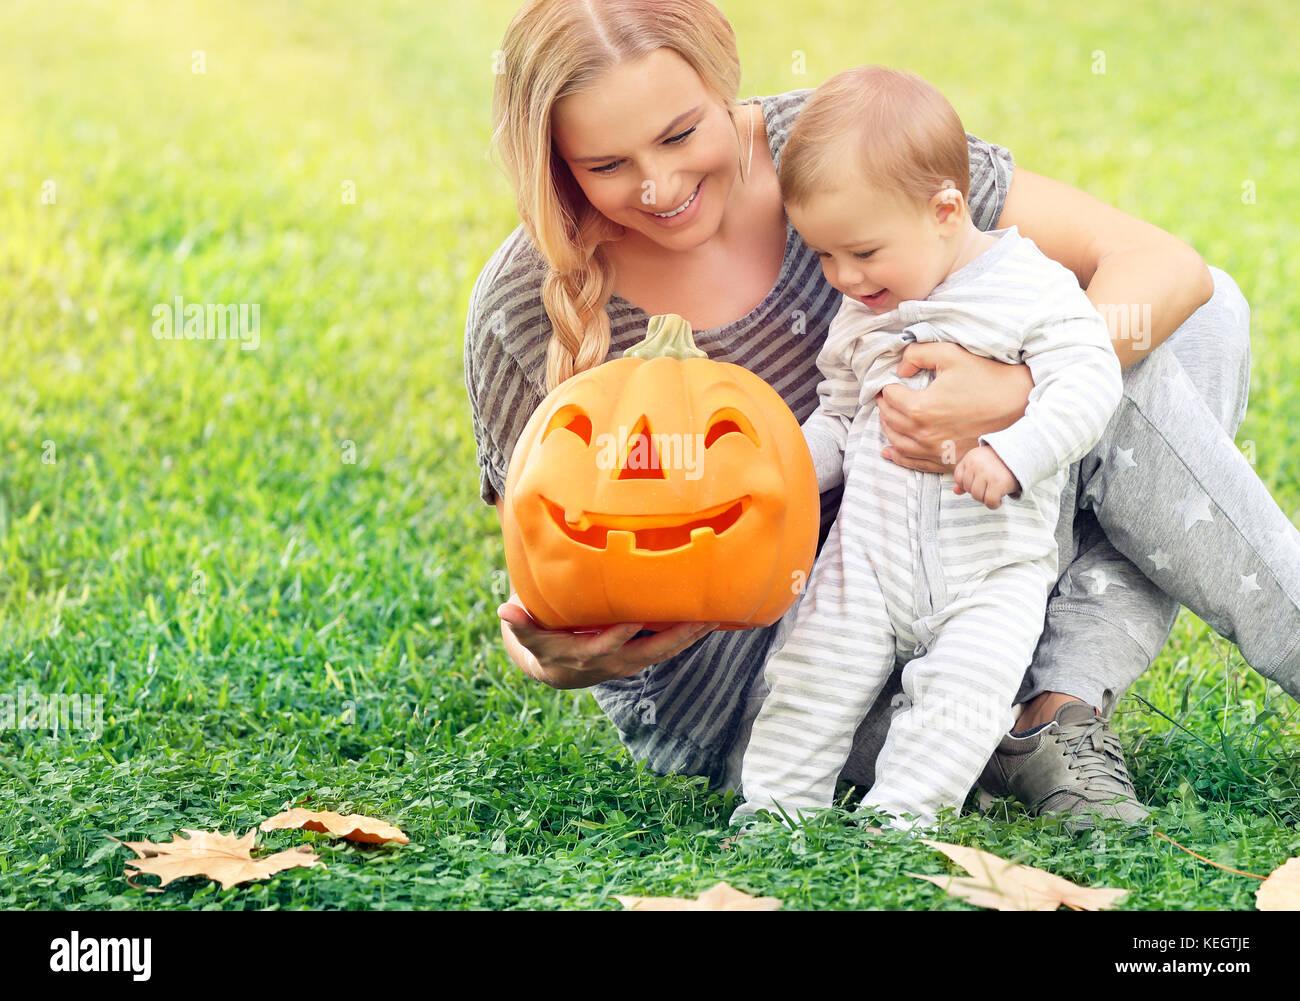 Glückliche Mutter mit einem Baby im Freien, sitzen auf der grünen Wiese und spielen mit orange geschnitzten Stockbild